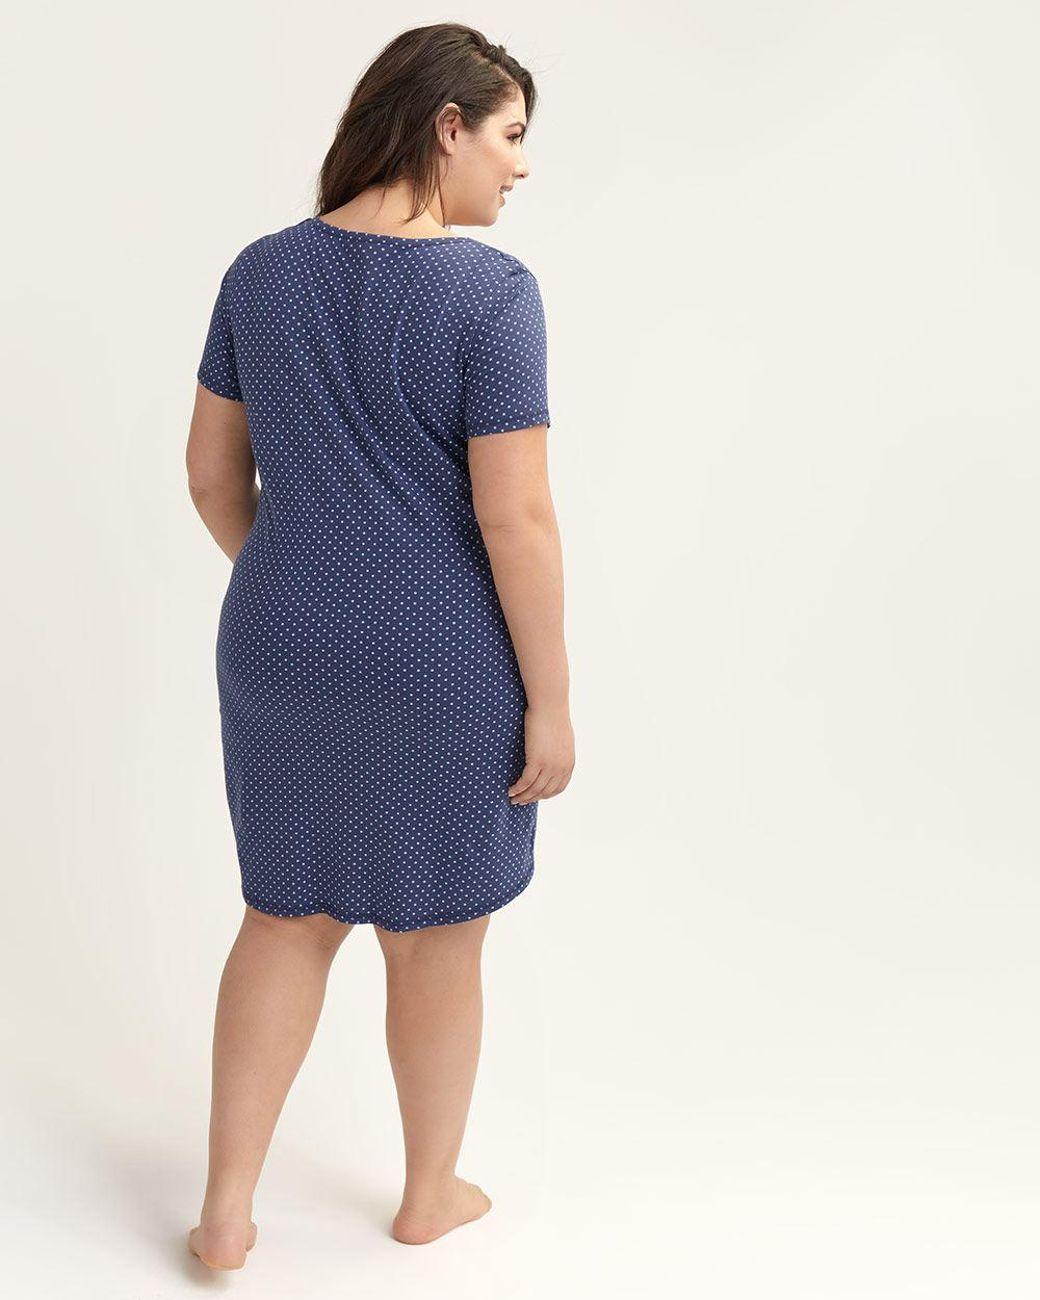 4325add80 Lyst - Addition Elle Dotted Short Sleeve Sleepshirt - Ti Voglio in Blue